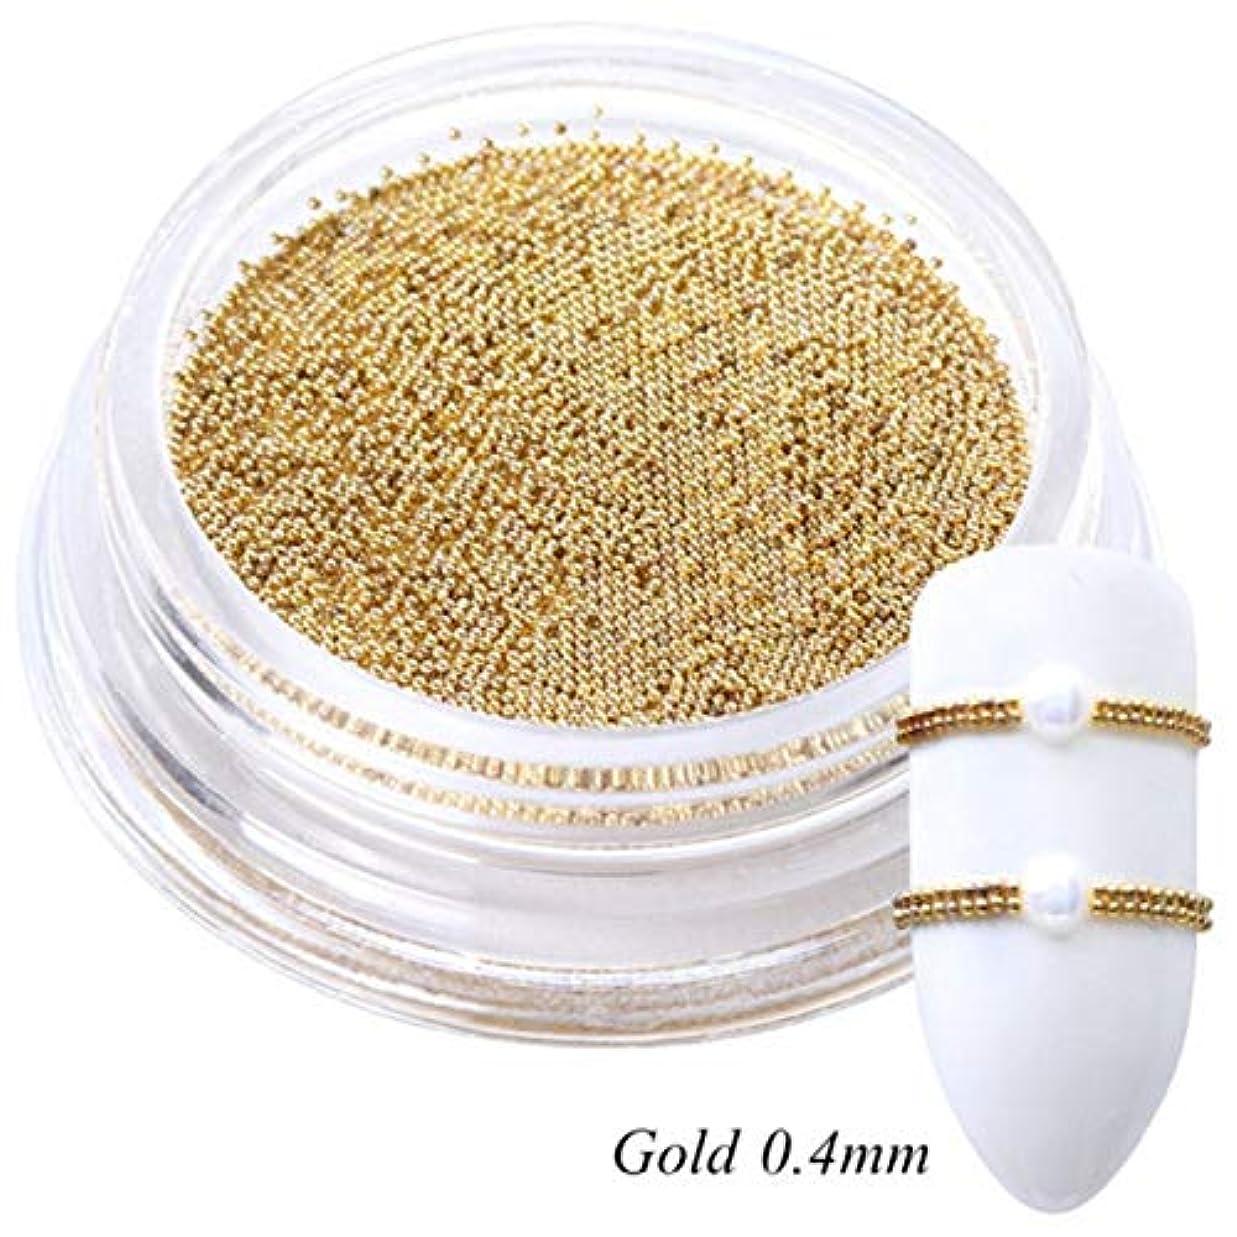 スポークスマン累積ストライクQuzama-JS 特別な12 G 0.4 mmネイルアート金属ミニキャビアビーズ3 Dチャームラインストーンマイクロビーズ装飾(None 0.4 mm Pearl gold(white bottle) 12g)